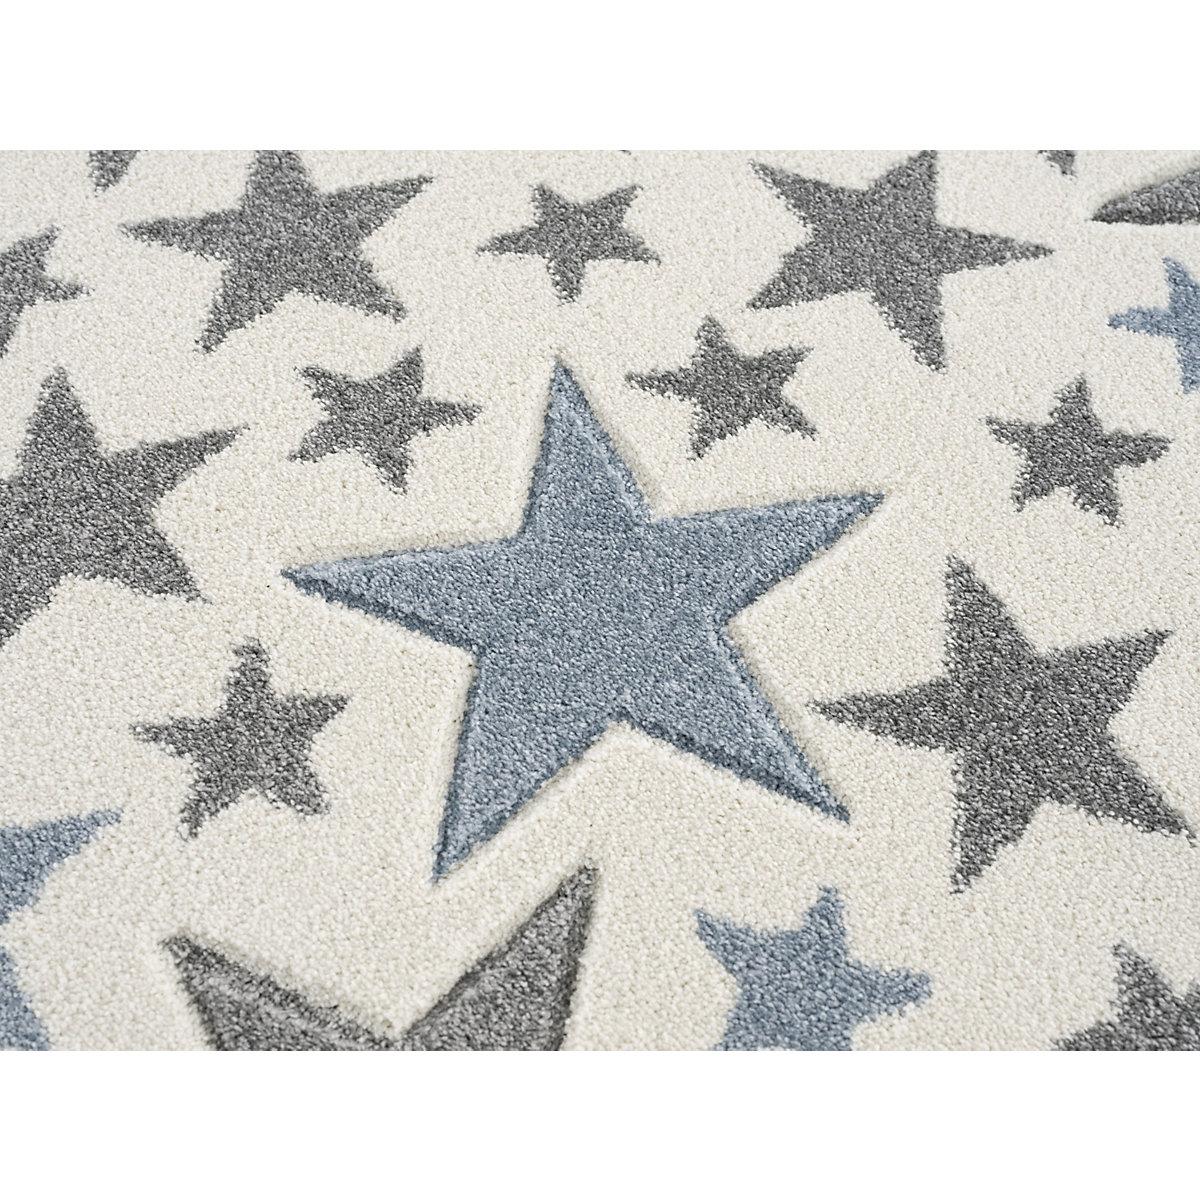 Kinderteppich STELLA creme/silbergrau-blau 120 x 180 cm Happy Rugs EYU0g